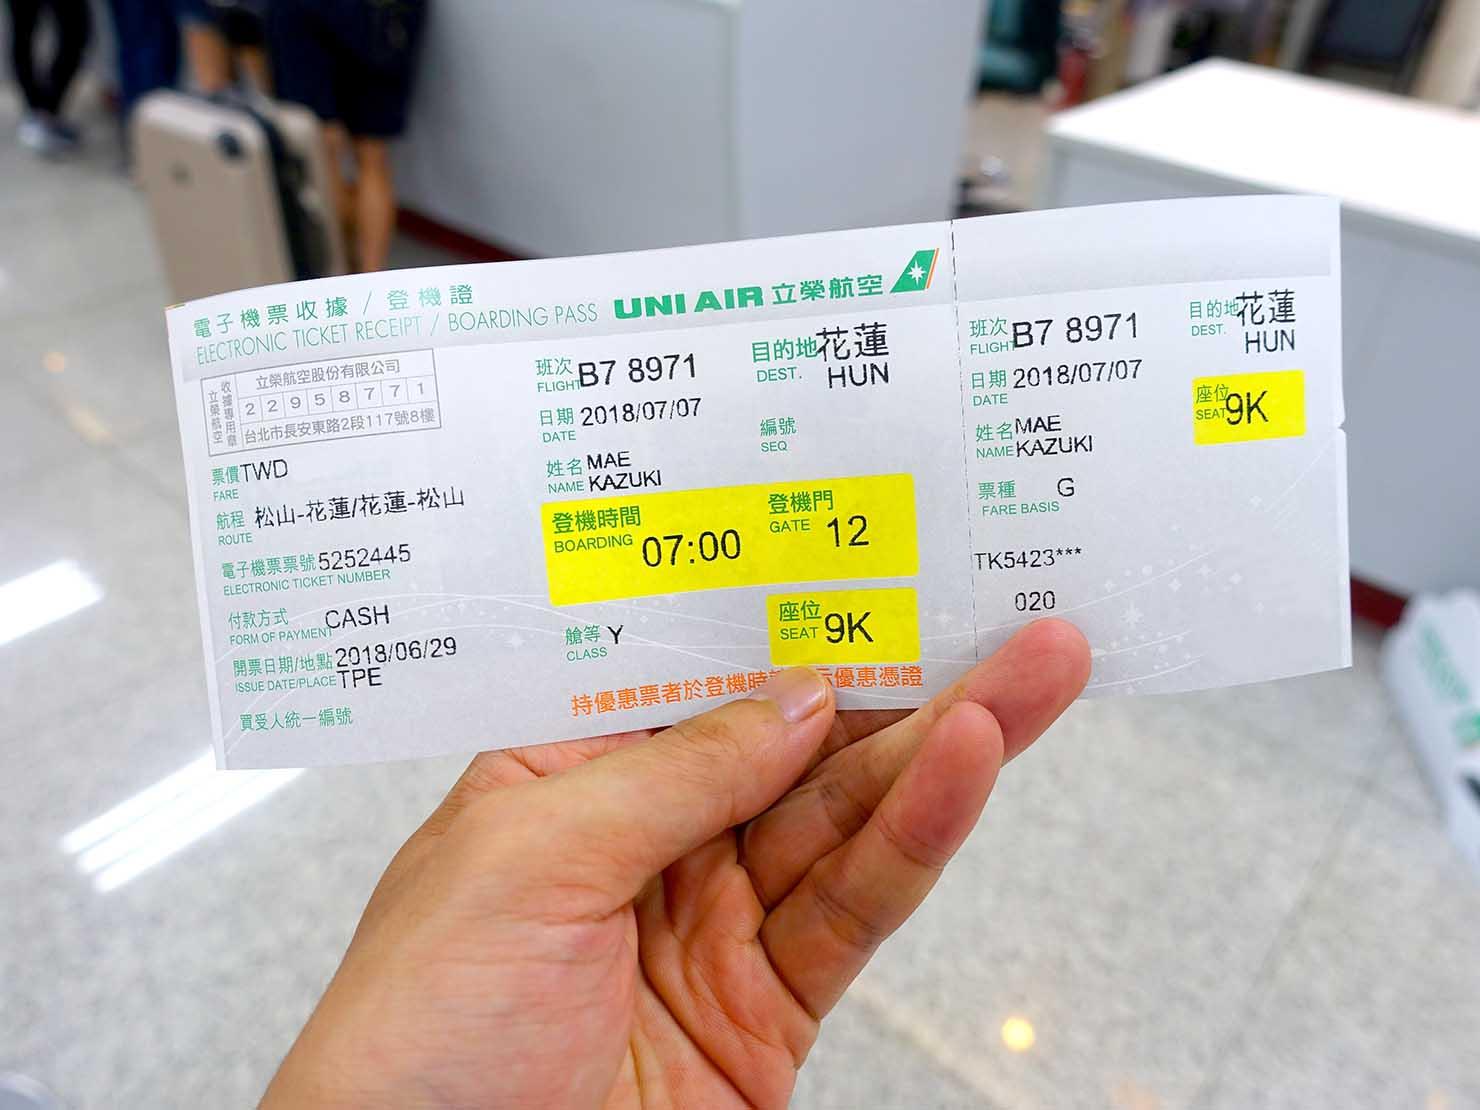 KKday外国人限定「花蓮・太魯閣(タロコ)日帰りツアー」台北・松山空港から出発する立榮航空(UNI AIR)の搭乗チケット